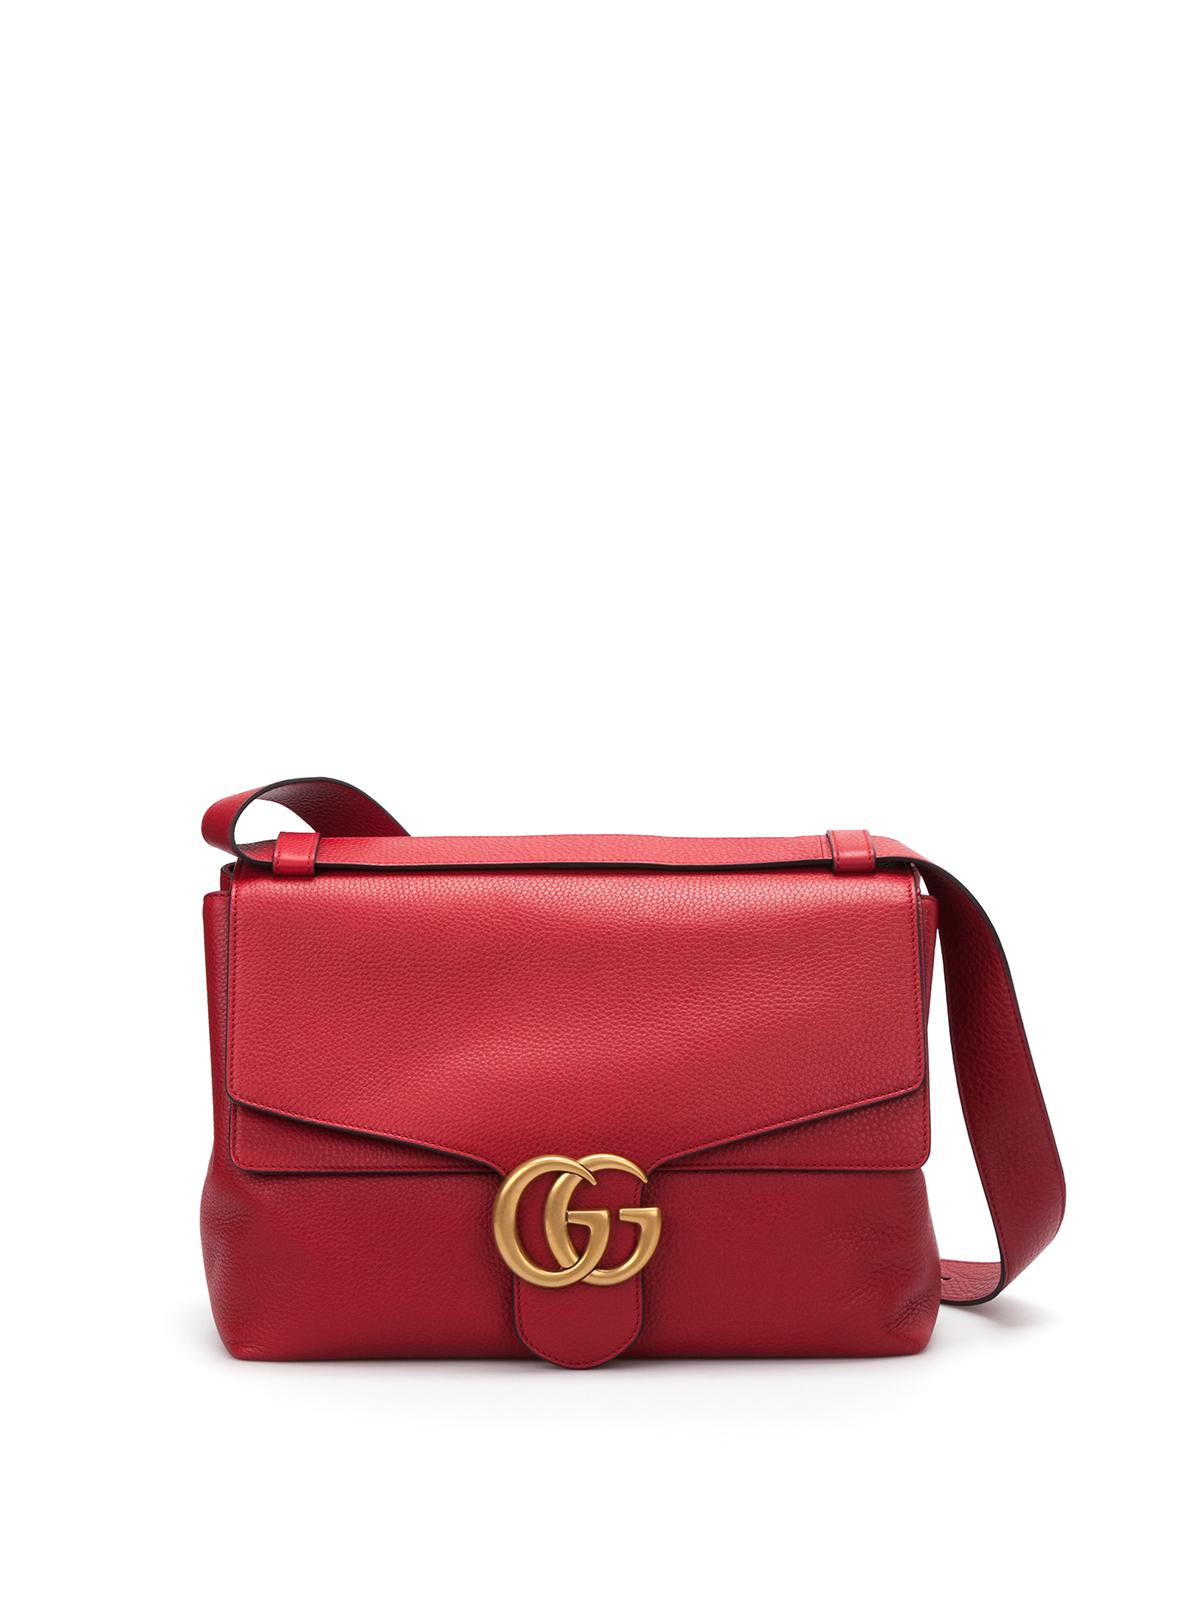 4ef1e0884 Gucci - GG marmont leather shoulder bag - shoulder bags - 400245 ...